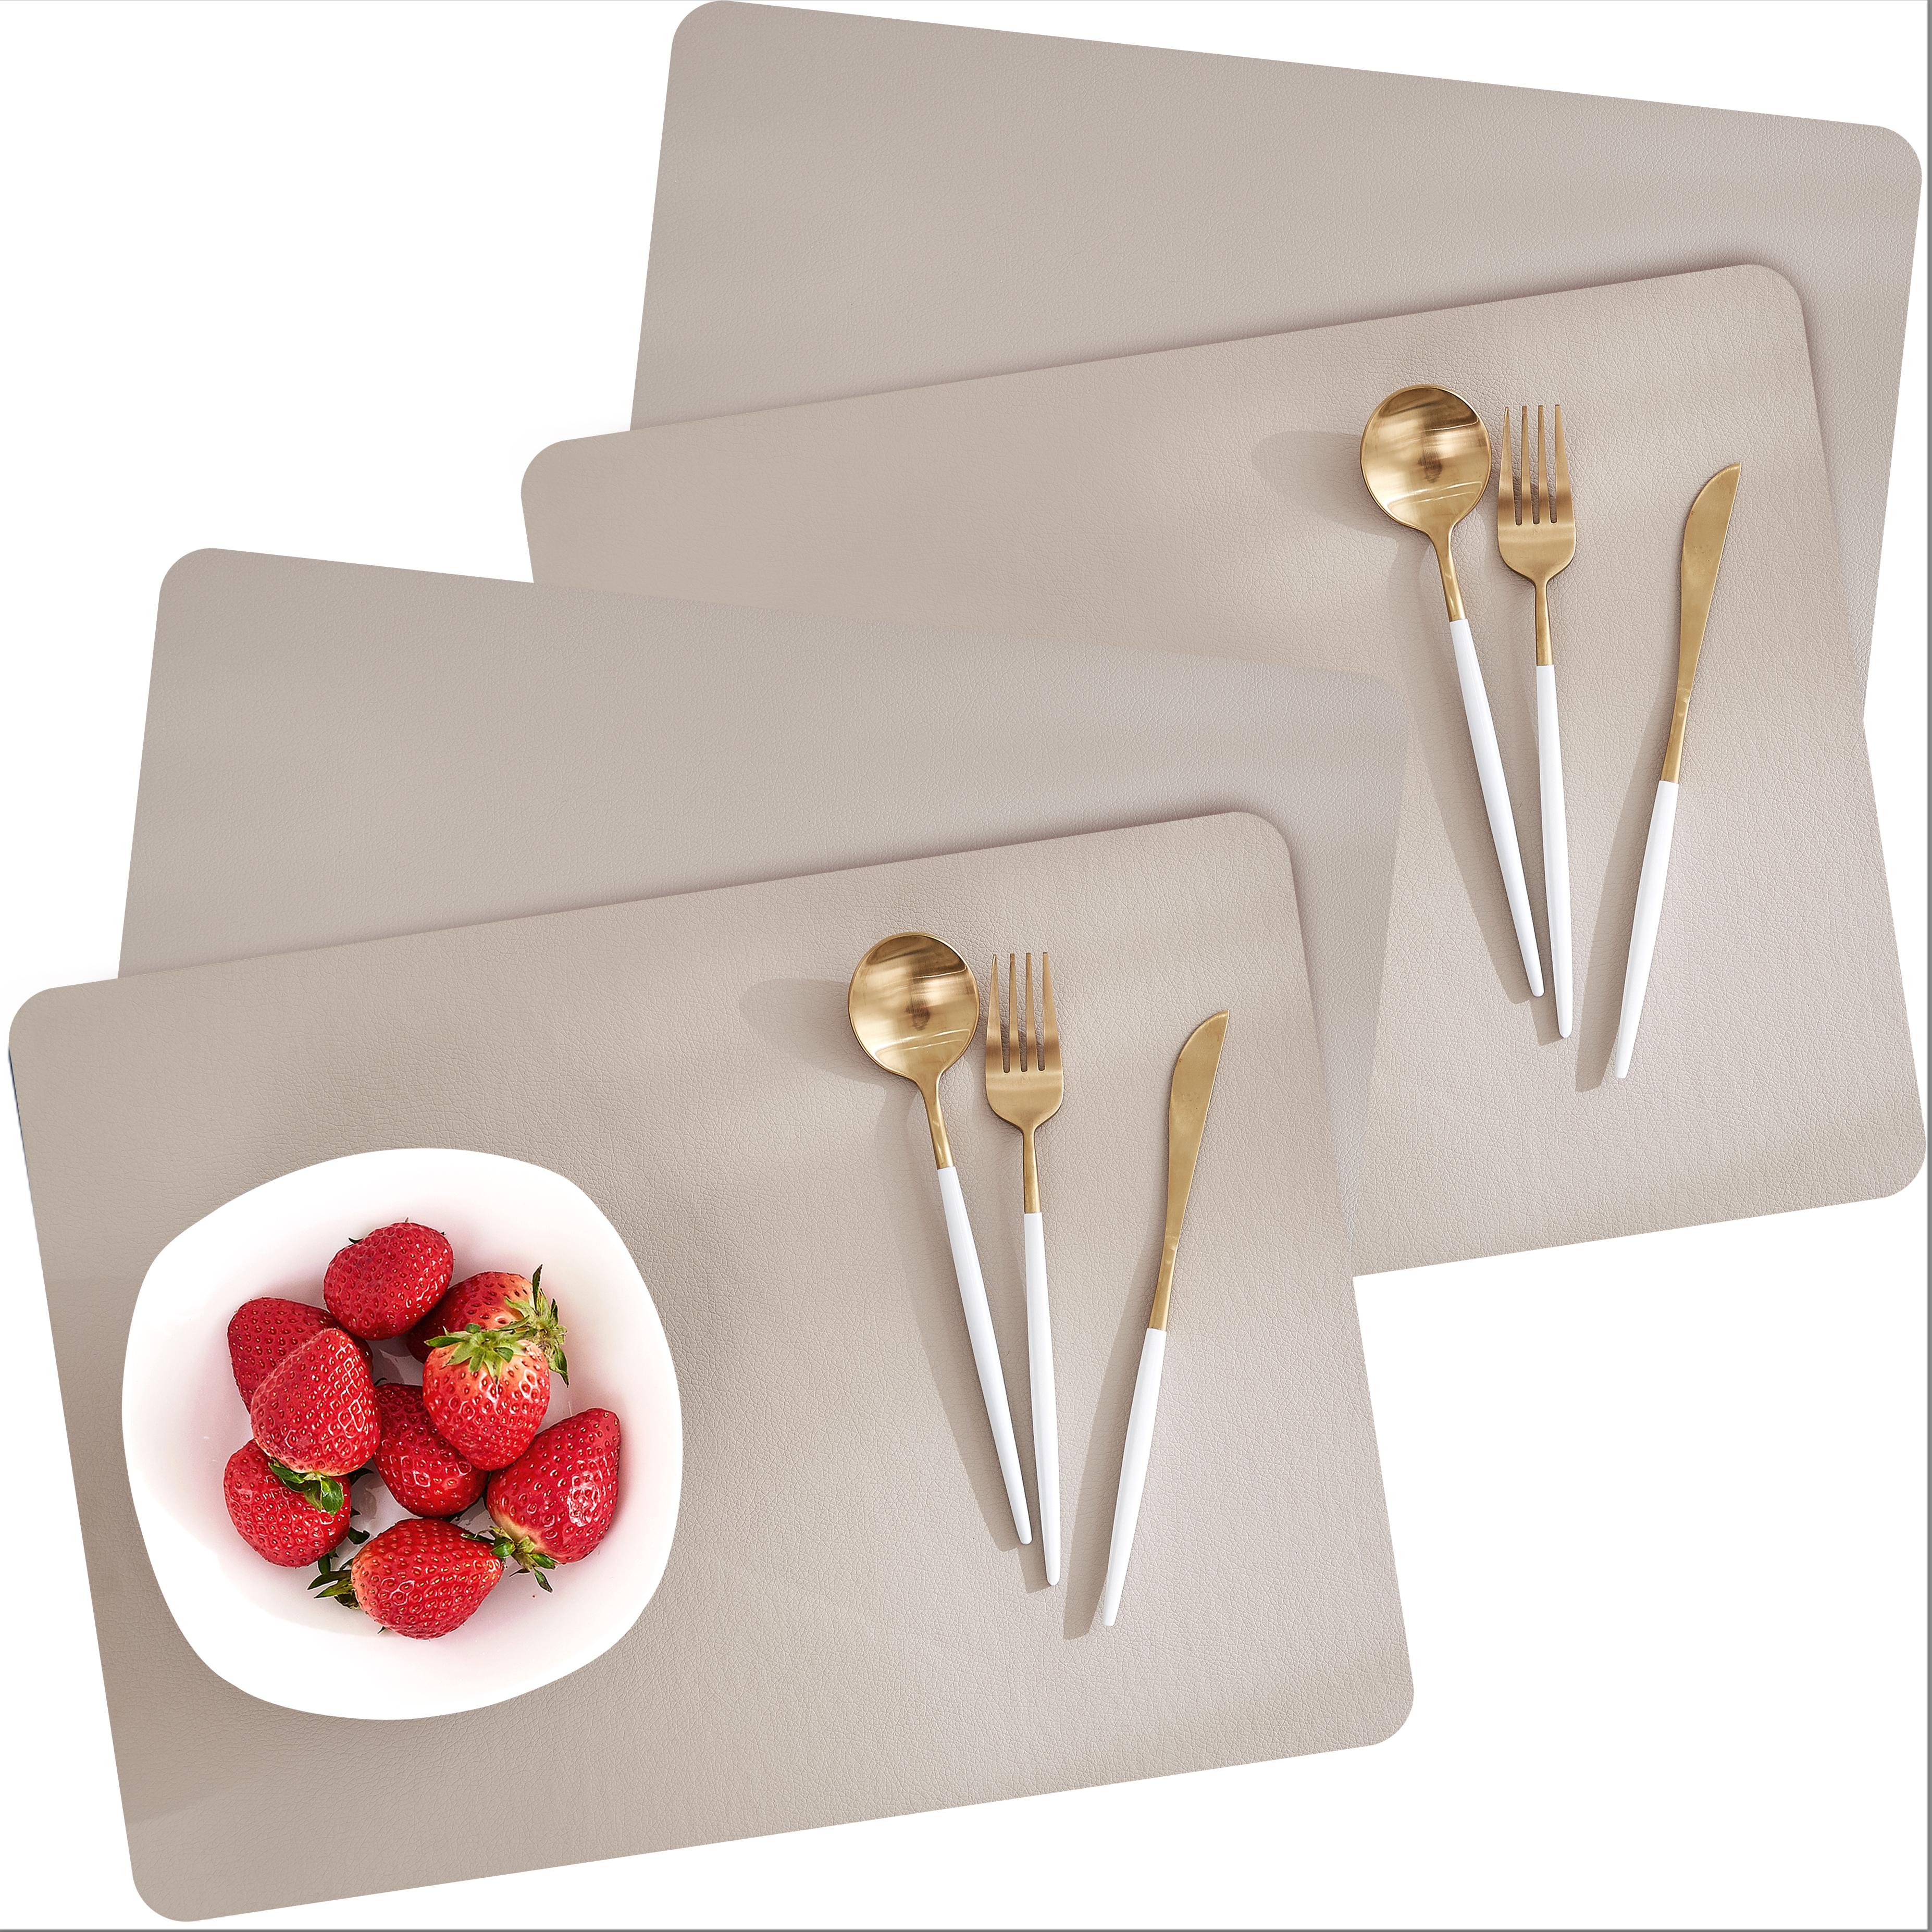 모던감 북유럽 방수 가죽질감 식탁매트 4p, 베이지, 45 x 33 cm